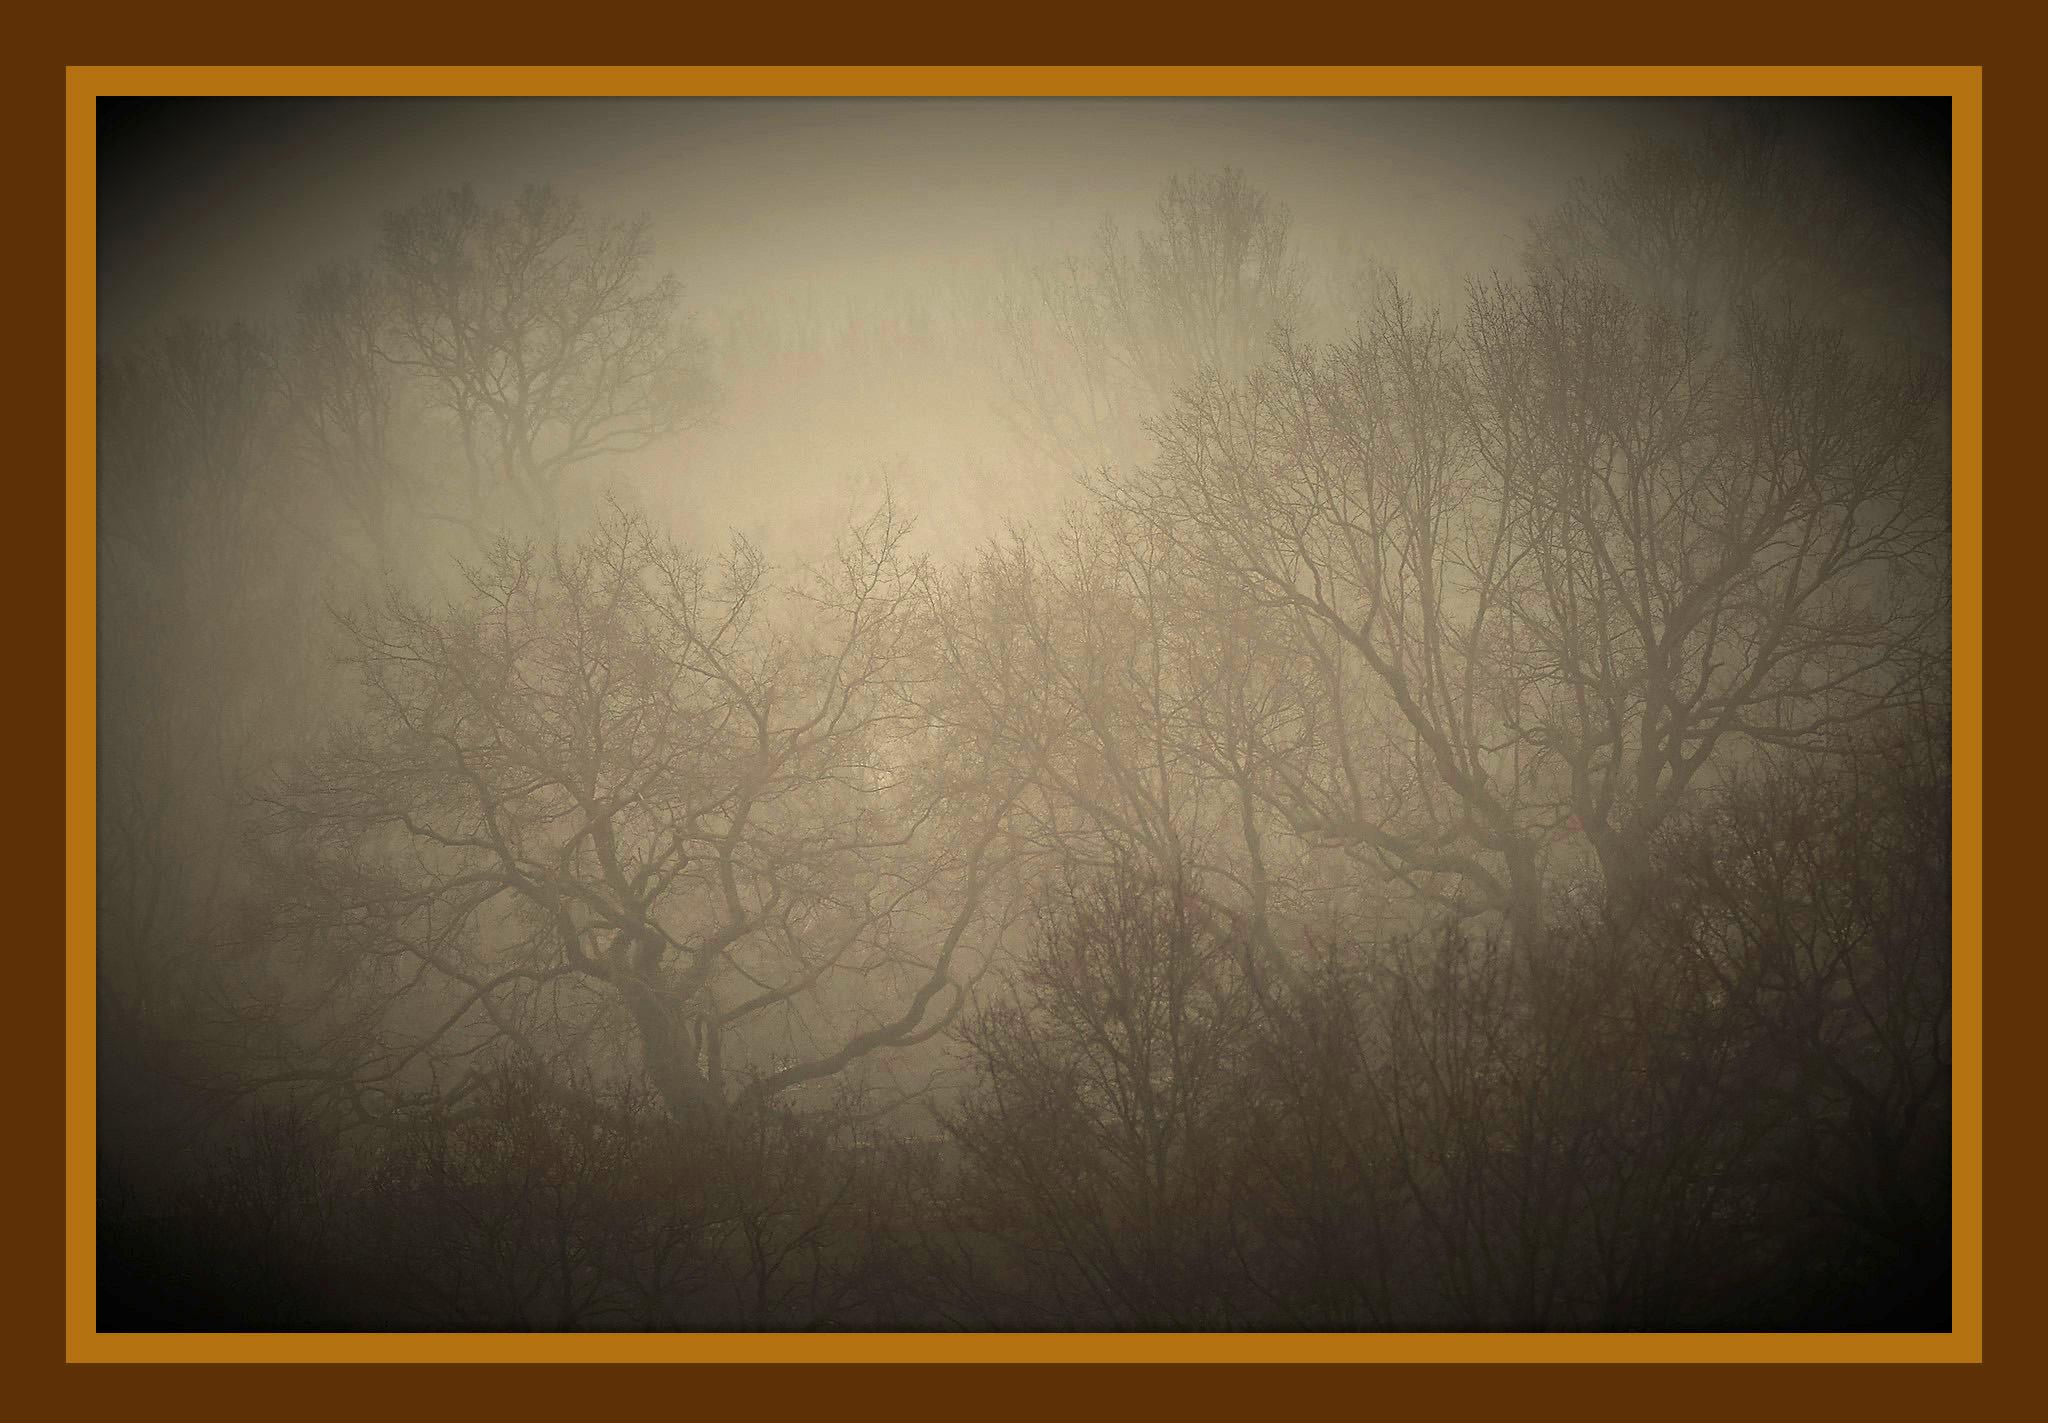 Grillig lijnenspel van bomen in de mist - Foto: ©Louis Fraanje